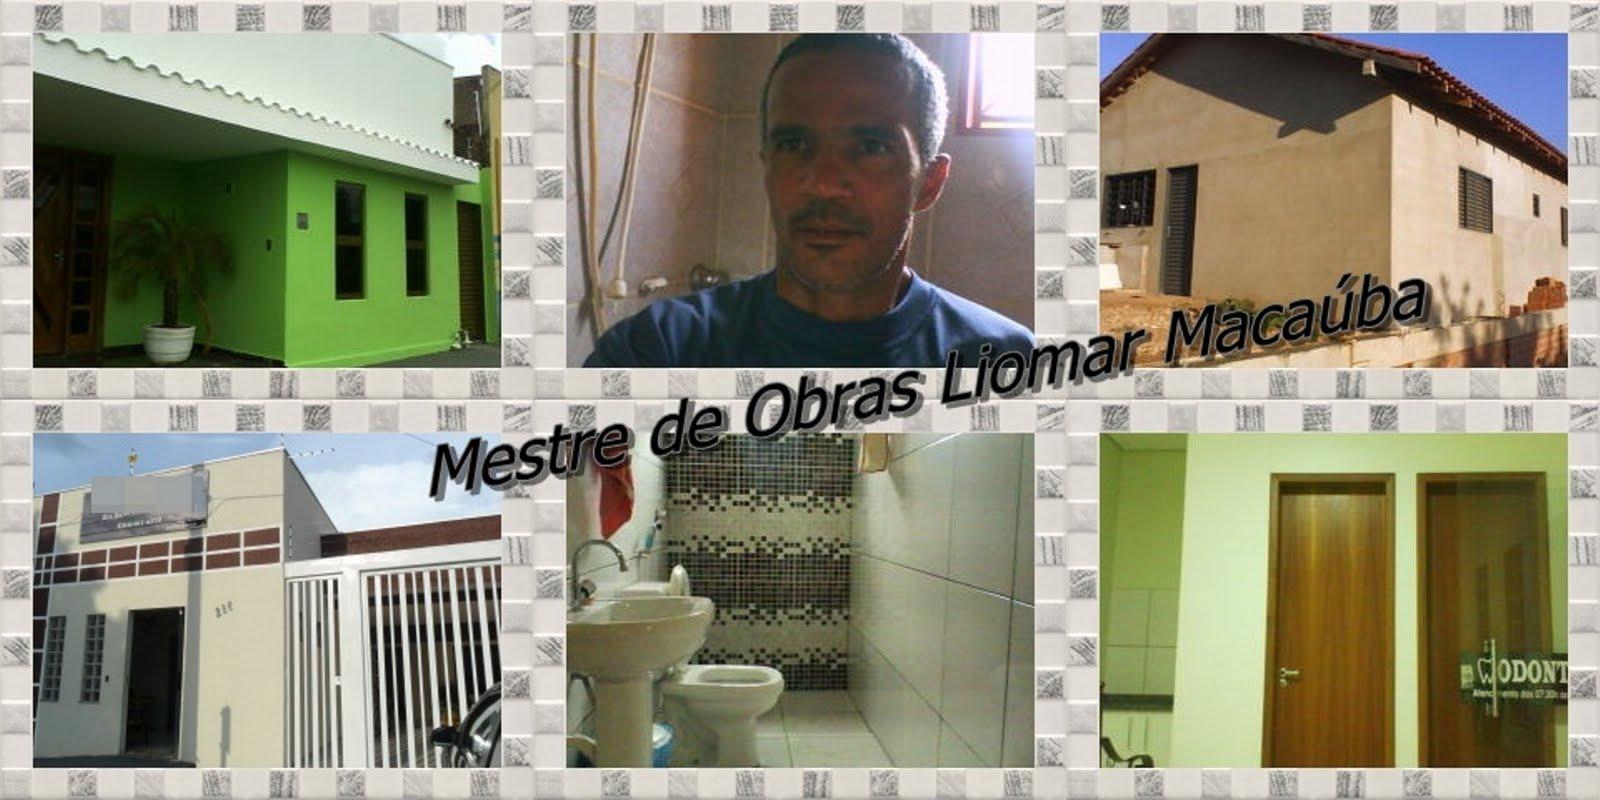 Mestre de Obras Liomar Macauba de Rondonópolis-MT